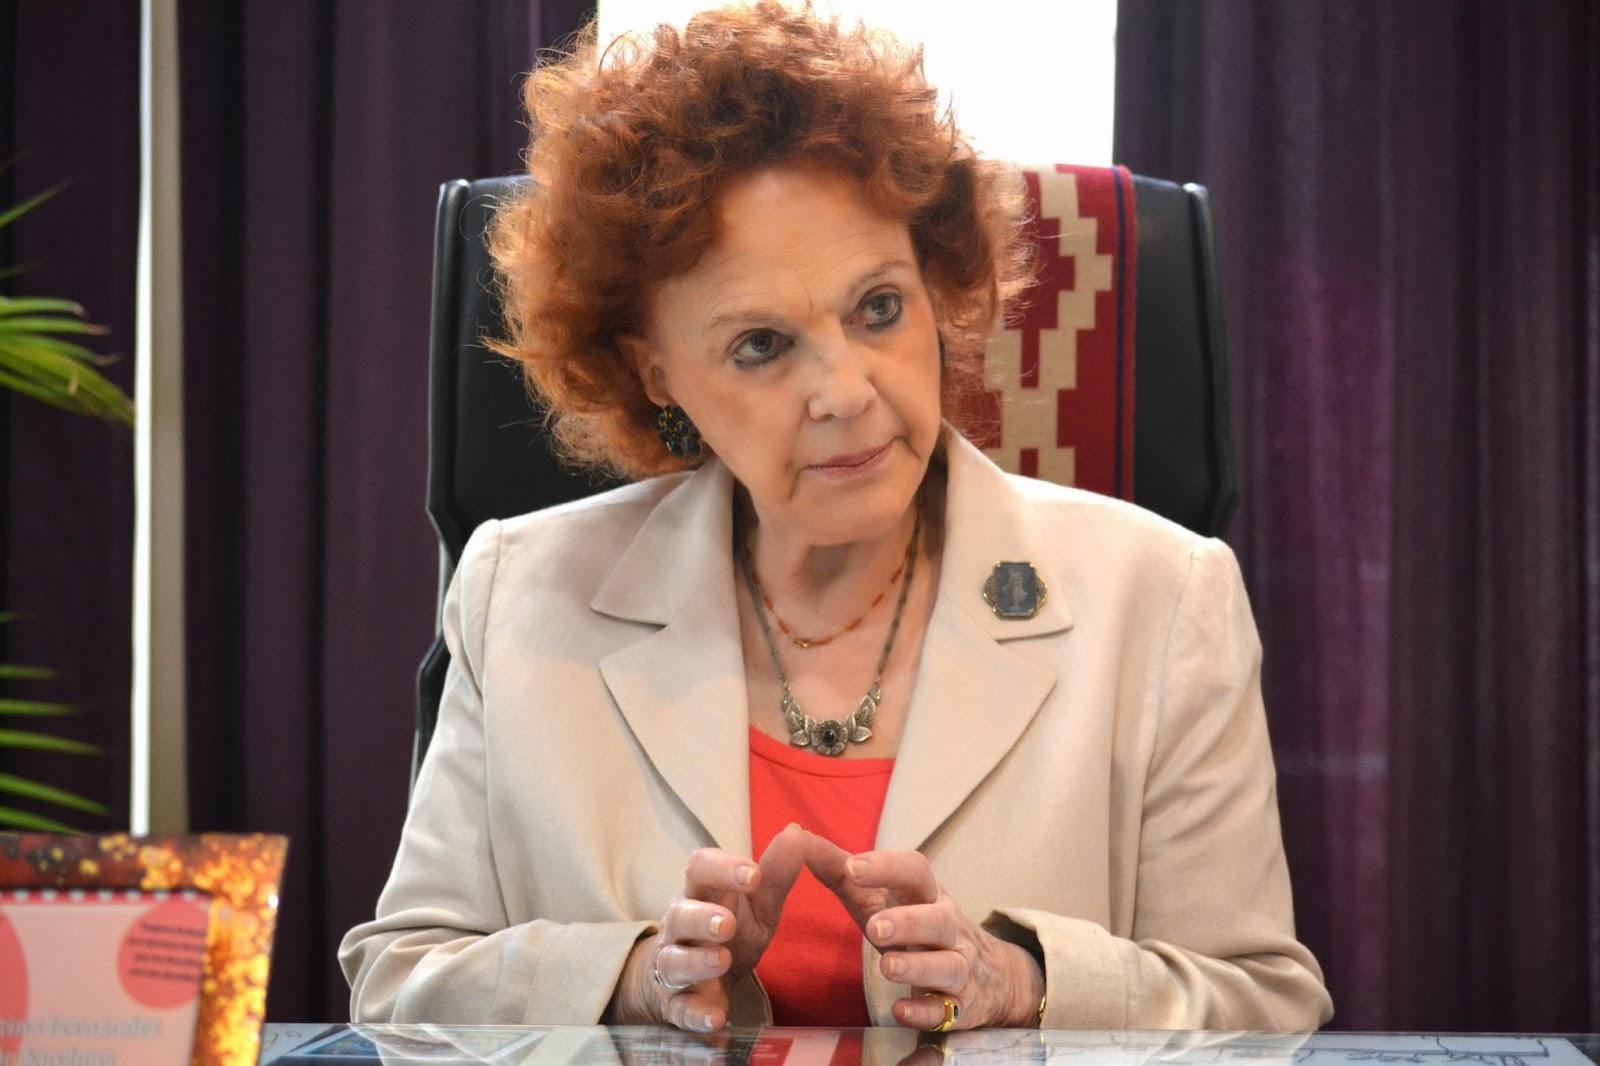 """Eva Giberti: """"Los prejuicios han cedido su fuerza, pero aún hay mucho por avanzar"""" - Radio Cantilo"""